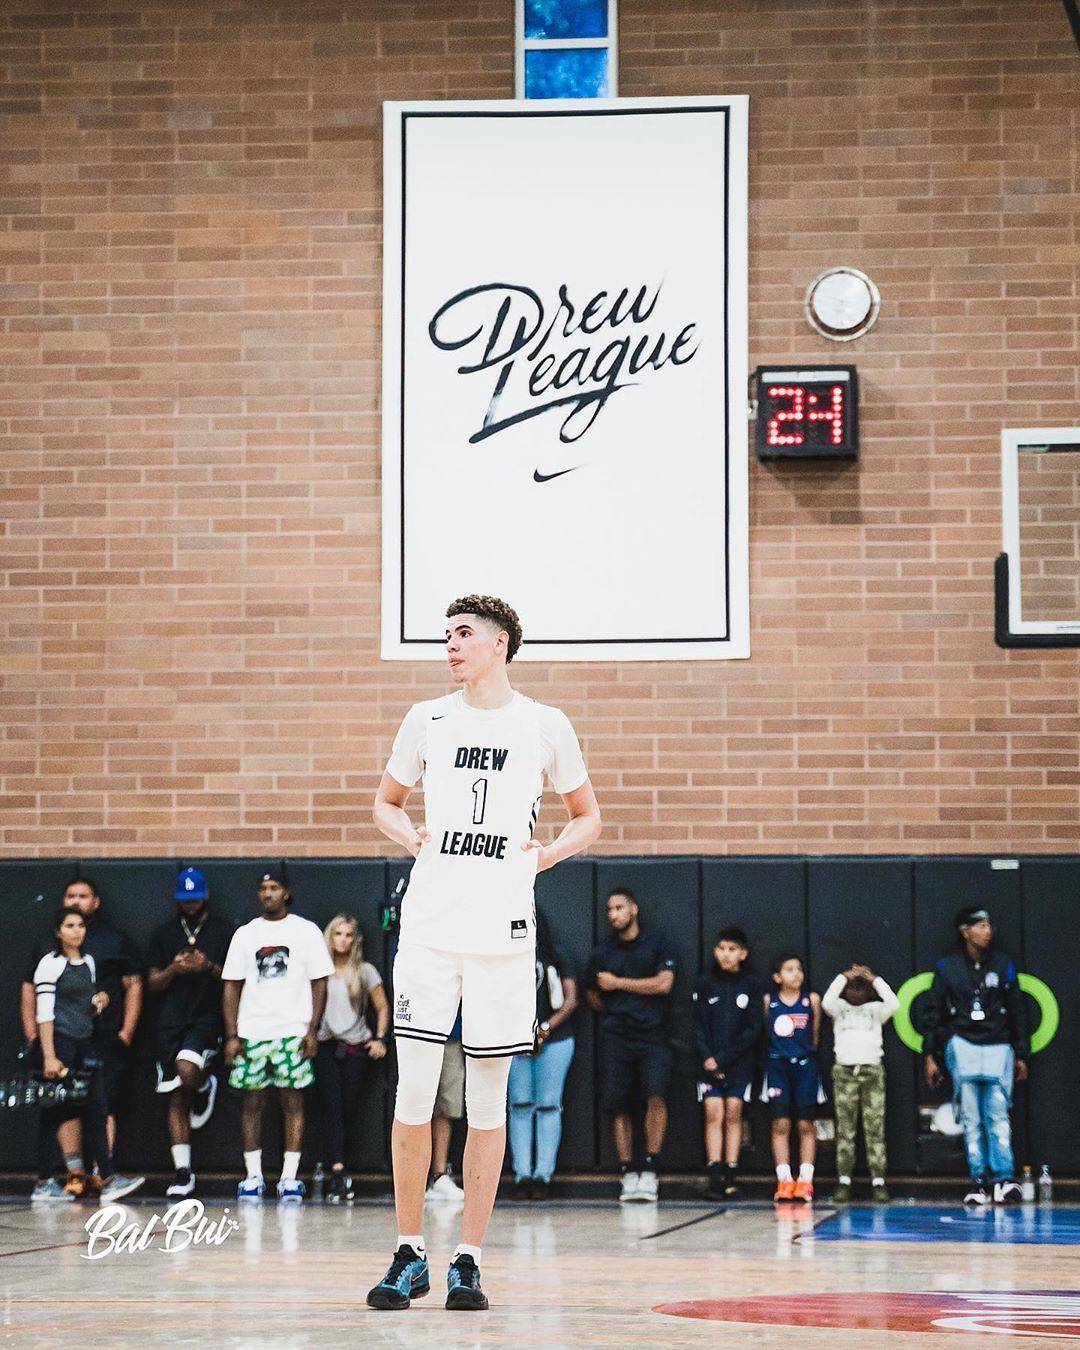 Melo S Drewleague Debut Lamelo Ball Ball High School Basketball